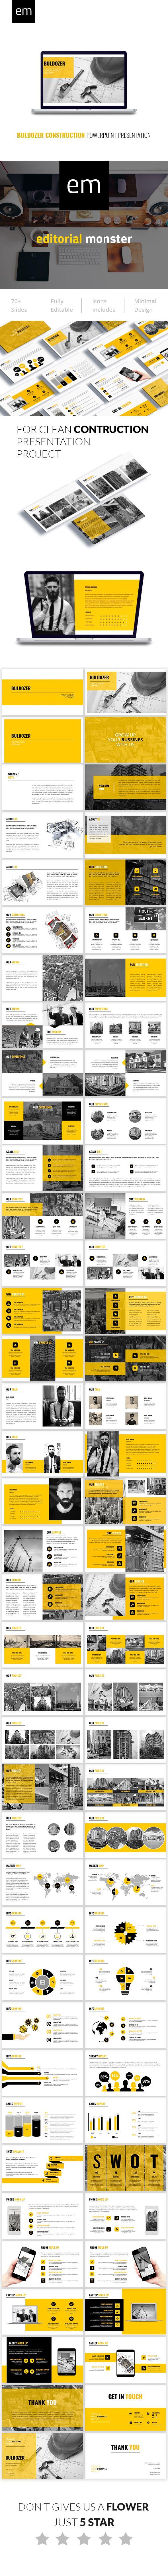 Buldozer Construction Powerpoint Presentation Template - 70+ Unique Creative Slides